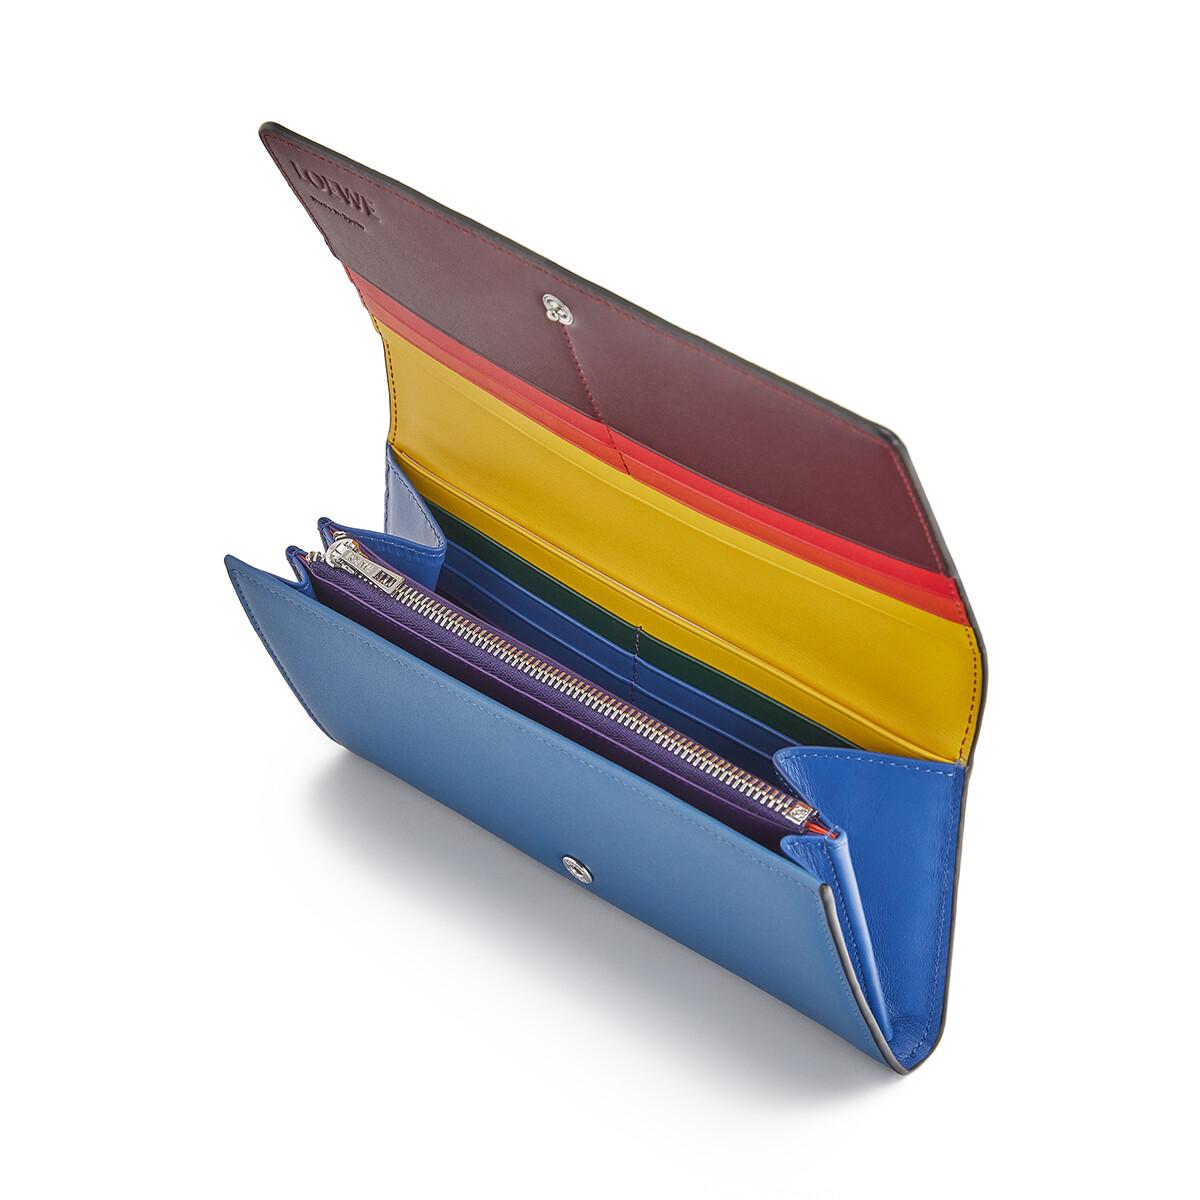 LOEWE レインボーコンチネンタルウォレット ブルー/マルチカラー front